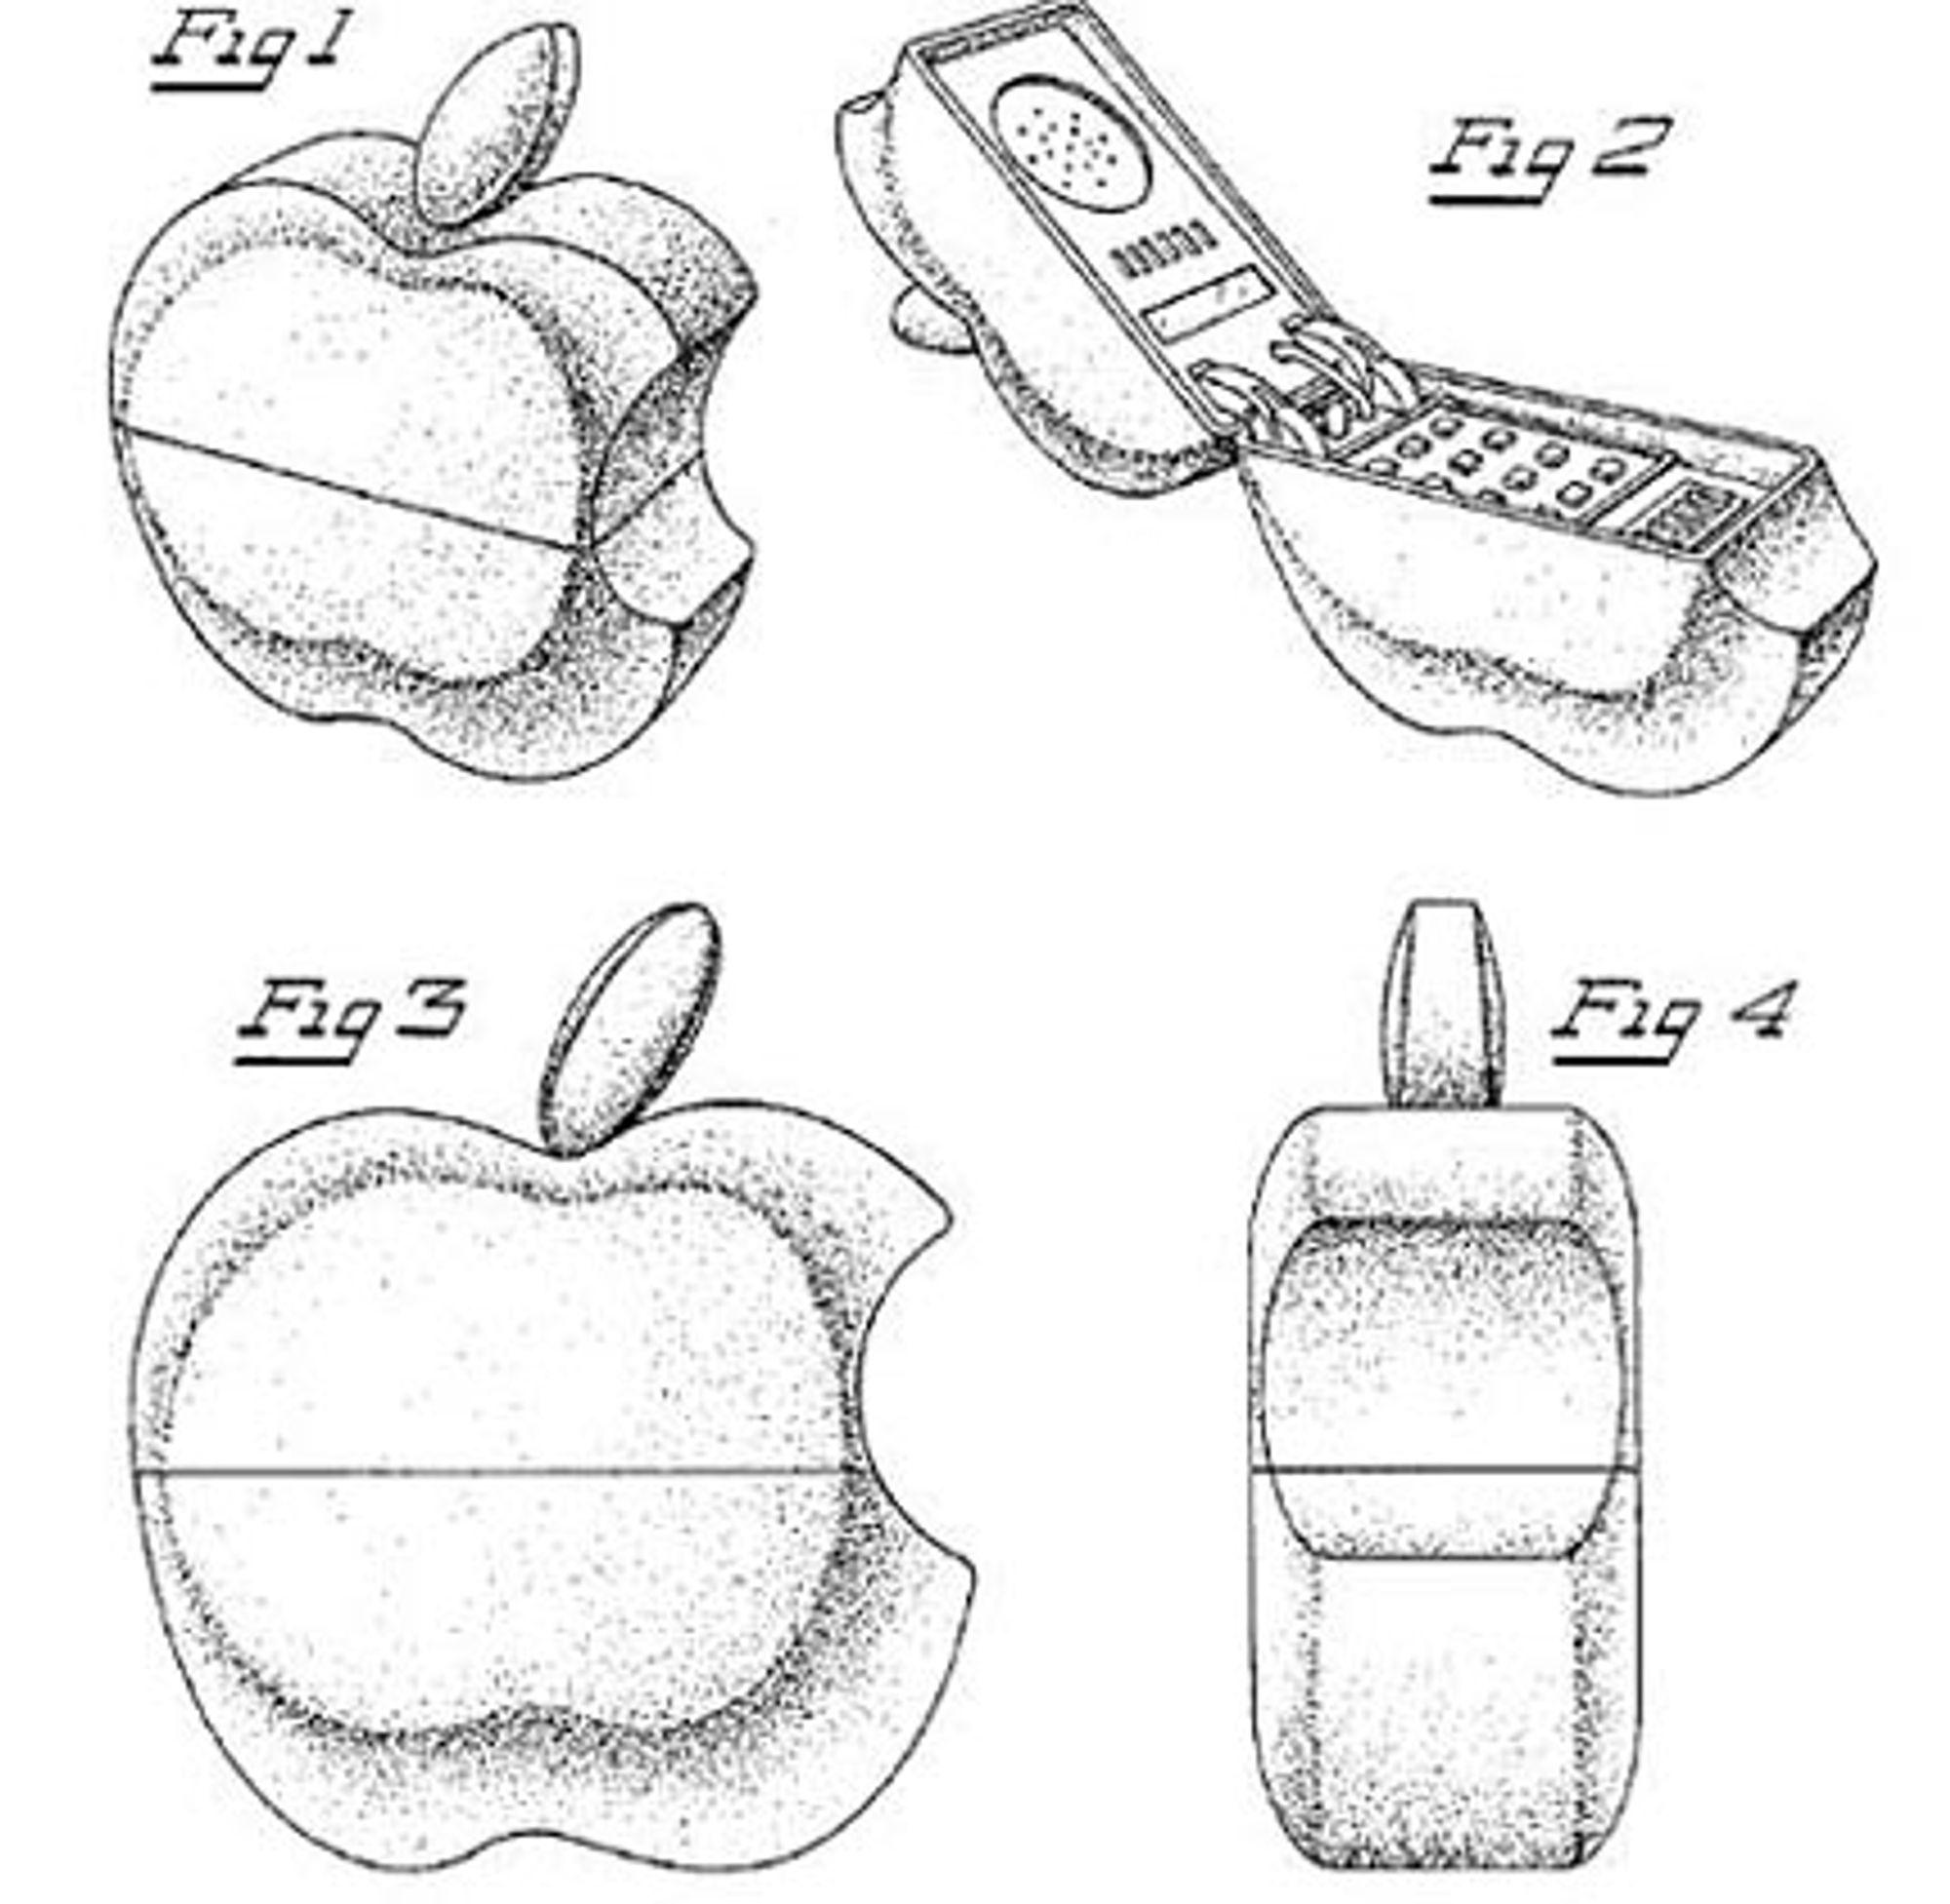 Slik så Apple for seg at mobiltelefonen deres skulle se ut.